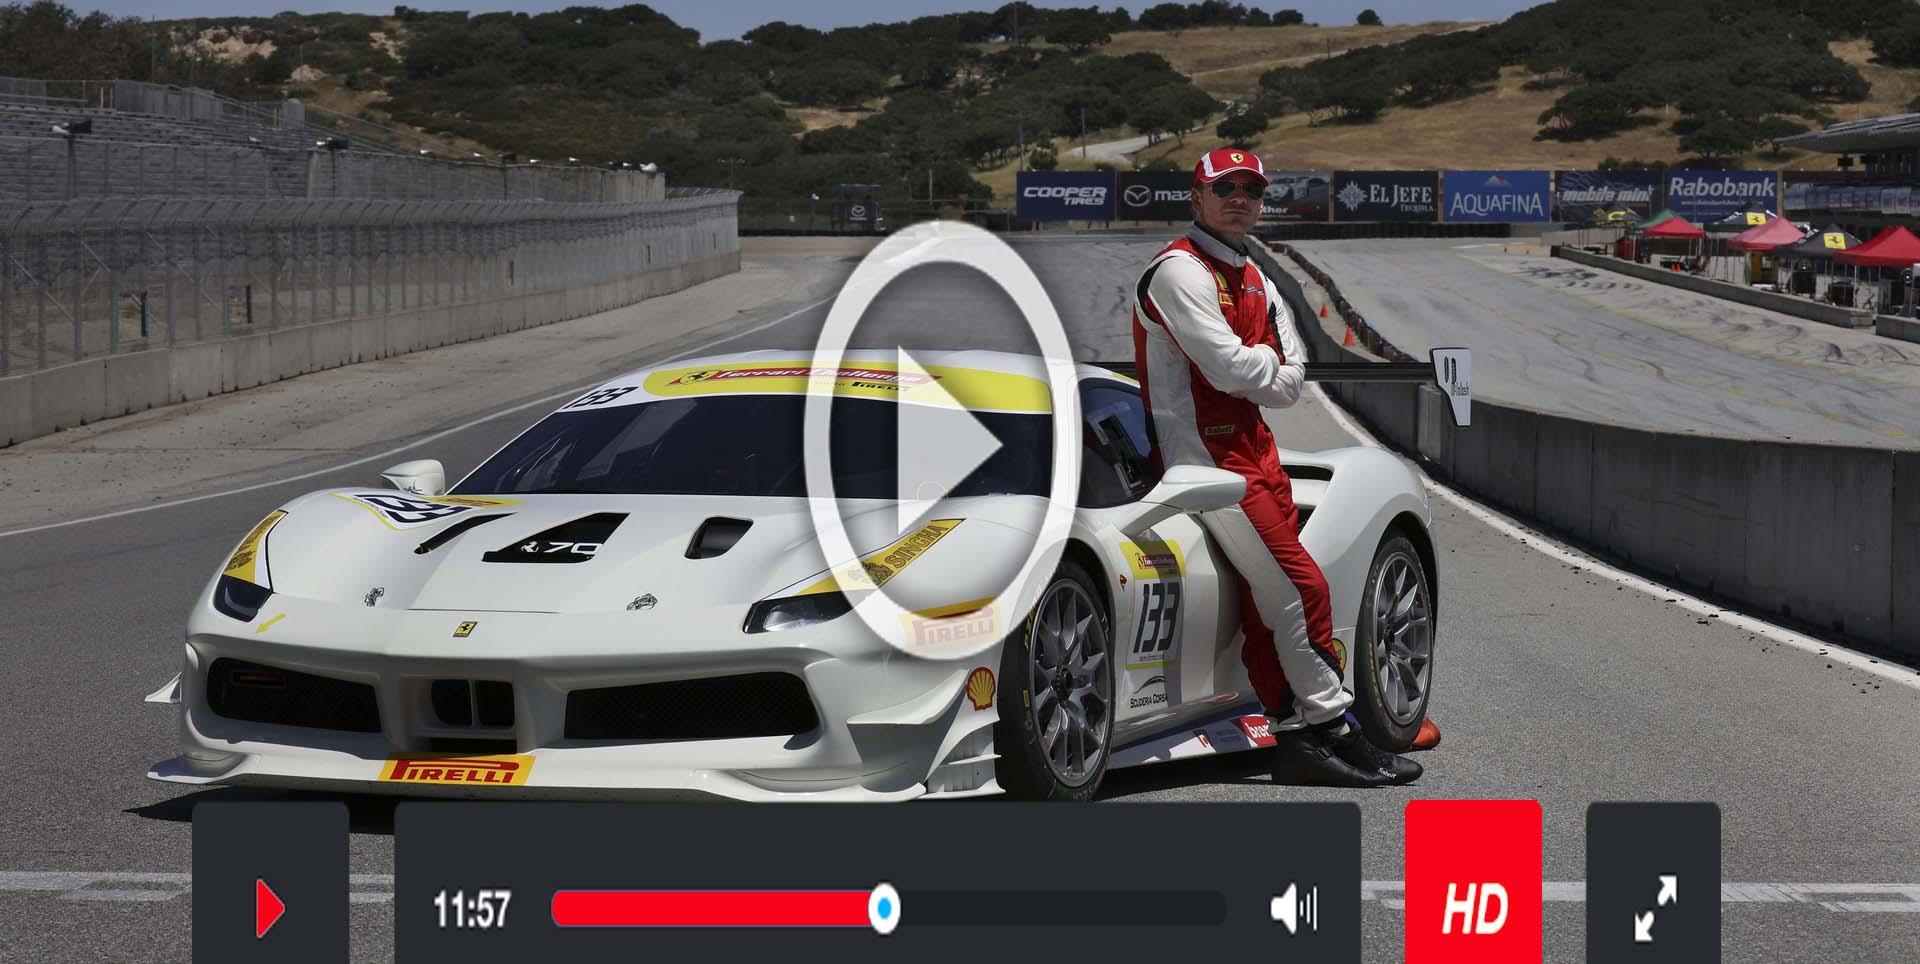 Ferrari Finali Mondiali Live Streaming